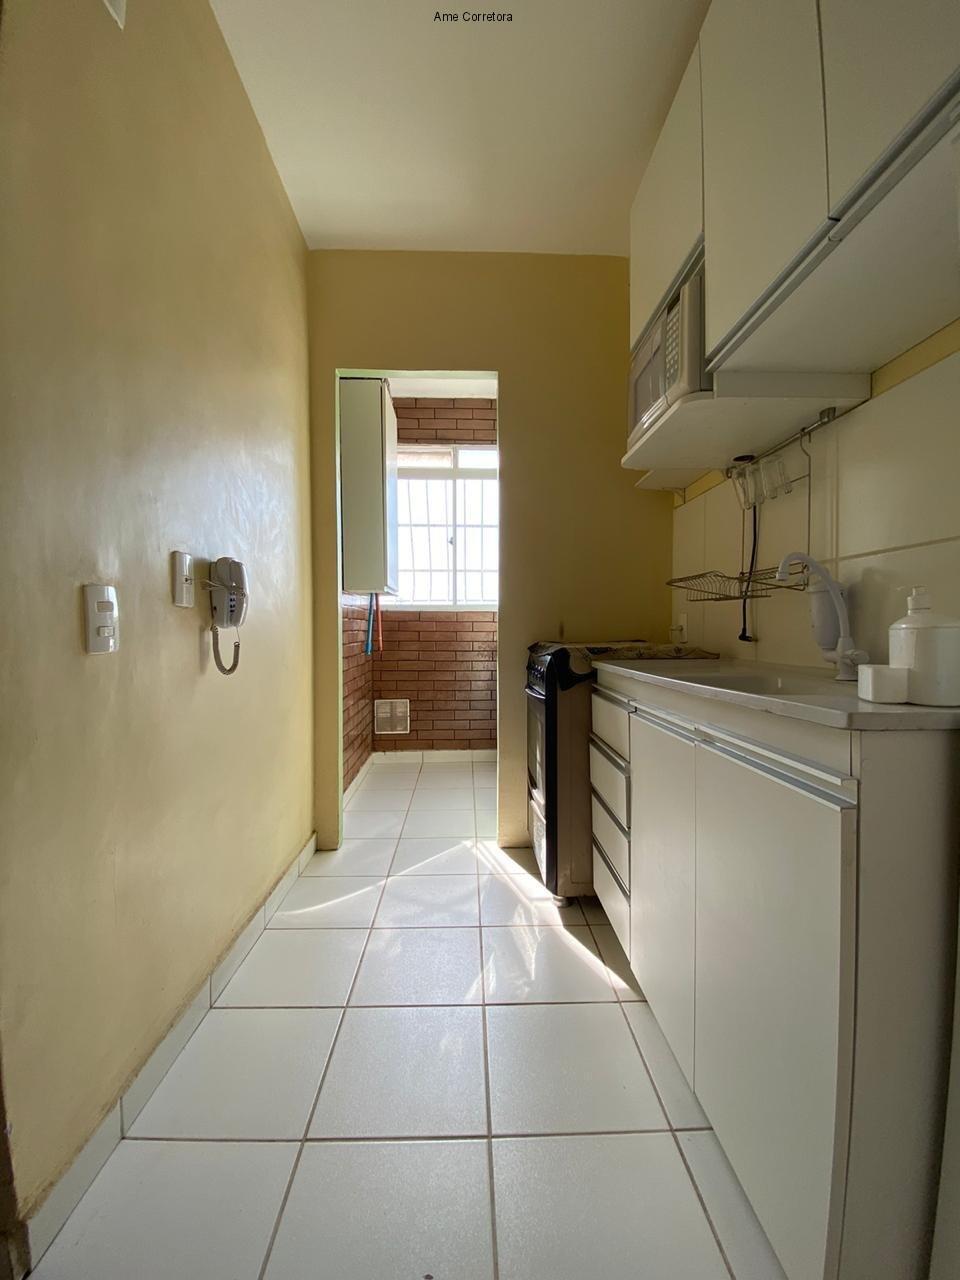 FOTO 05 - Apartamento 2 quartos à venda Rio de Janeiro,RJ - R$ 130.000 - AP00375 - 7